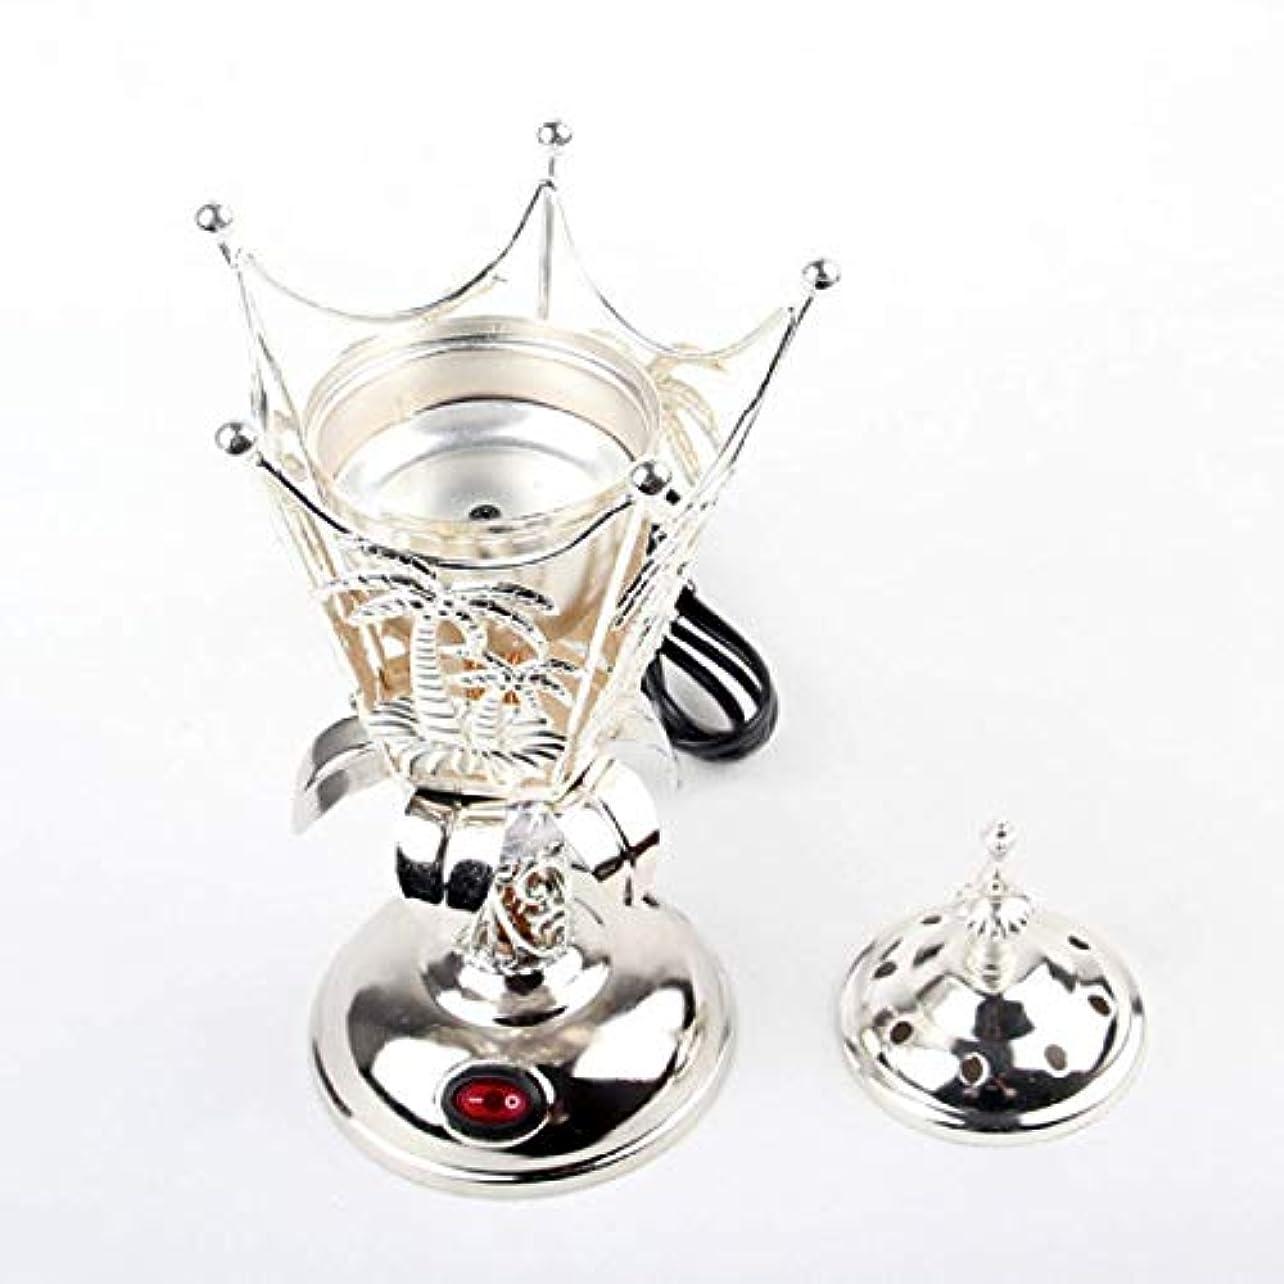 横向き乳製品財団OMG-Deal Electric Bakhoor Burner Electric Incense Burner +Camphor- Oud Resin Frankincense Camphor Positive Energy...